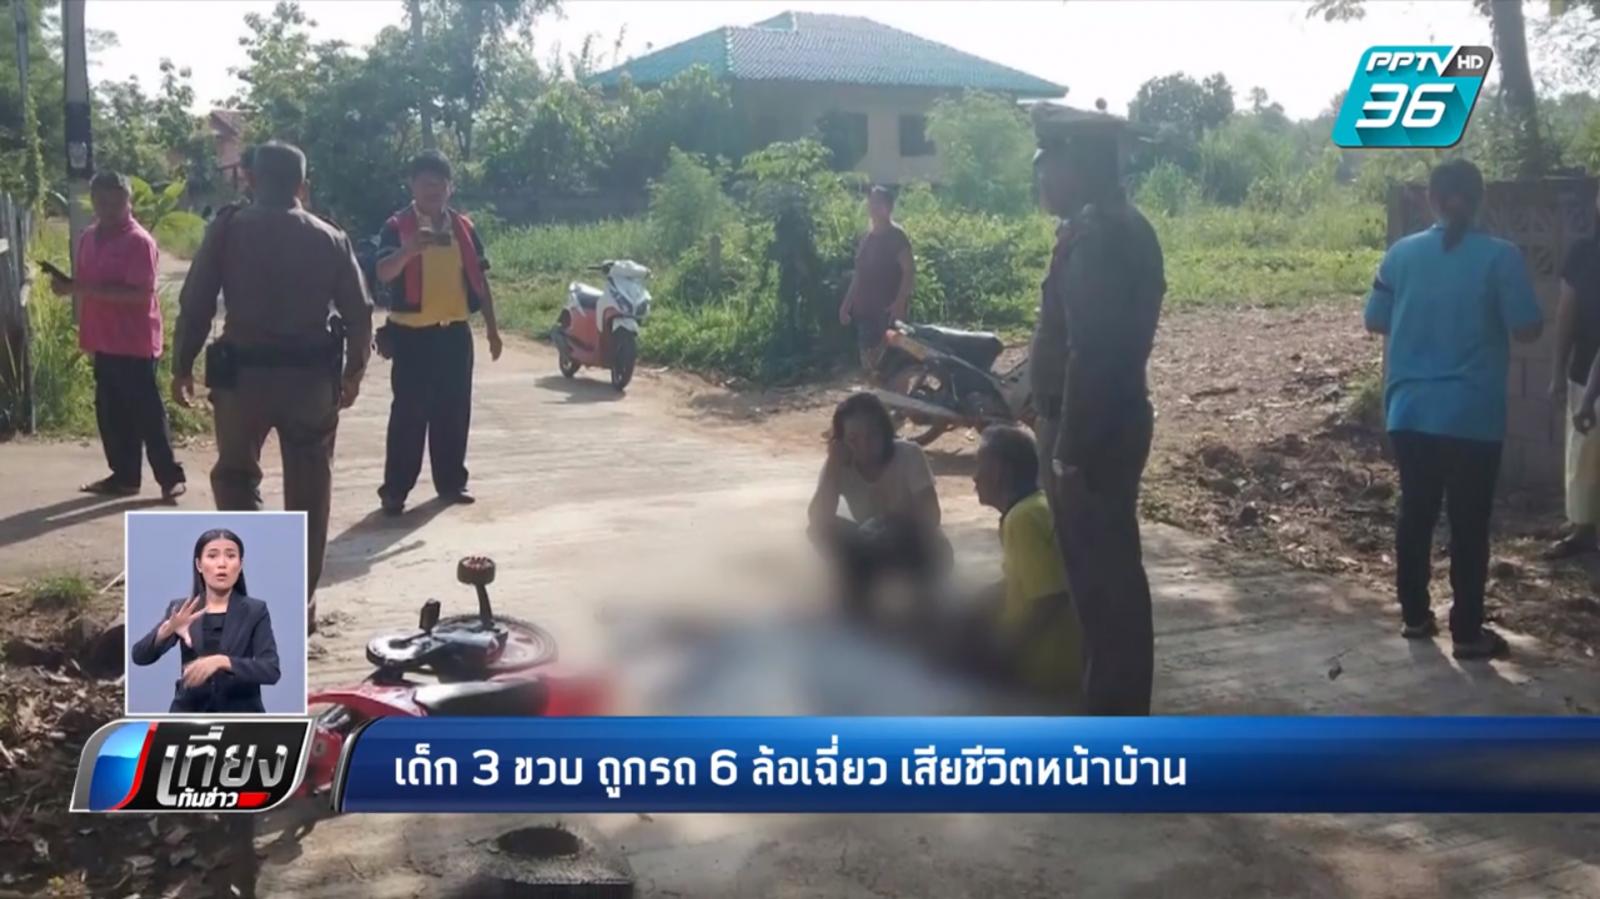 สลด! เด็ก 3 ขวบ ขี่จักรยานหน้าบ้าน ถูกรถ 6 ล้อเฉี่ยว เสียชีวิตคาที่